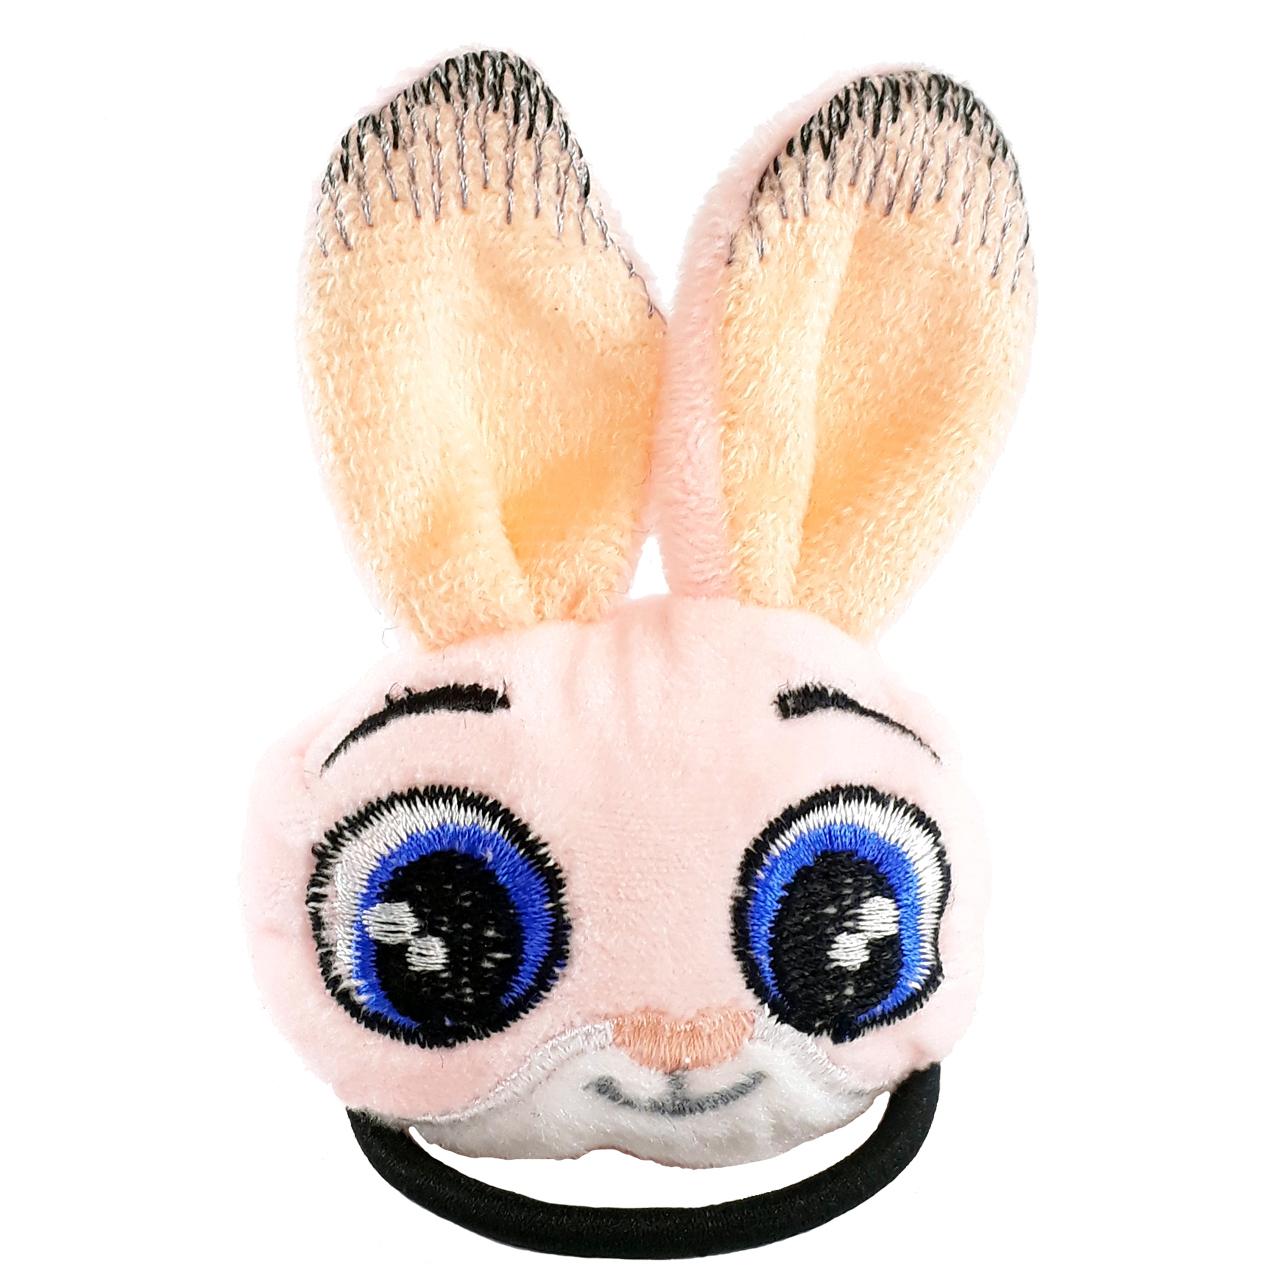 کش مو طرح خرگوش کد 003